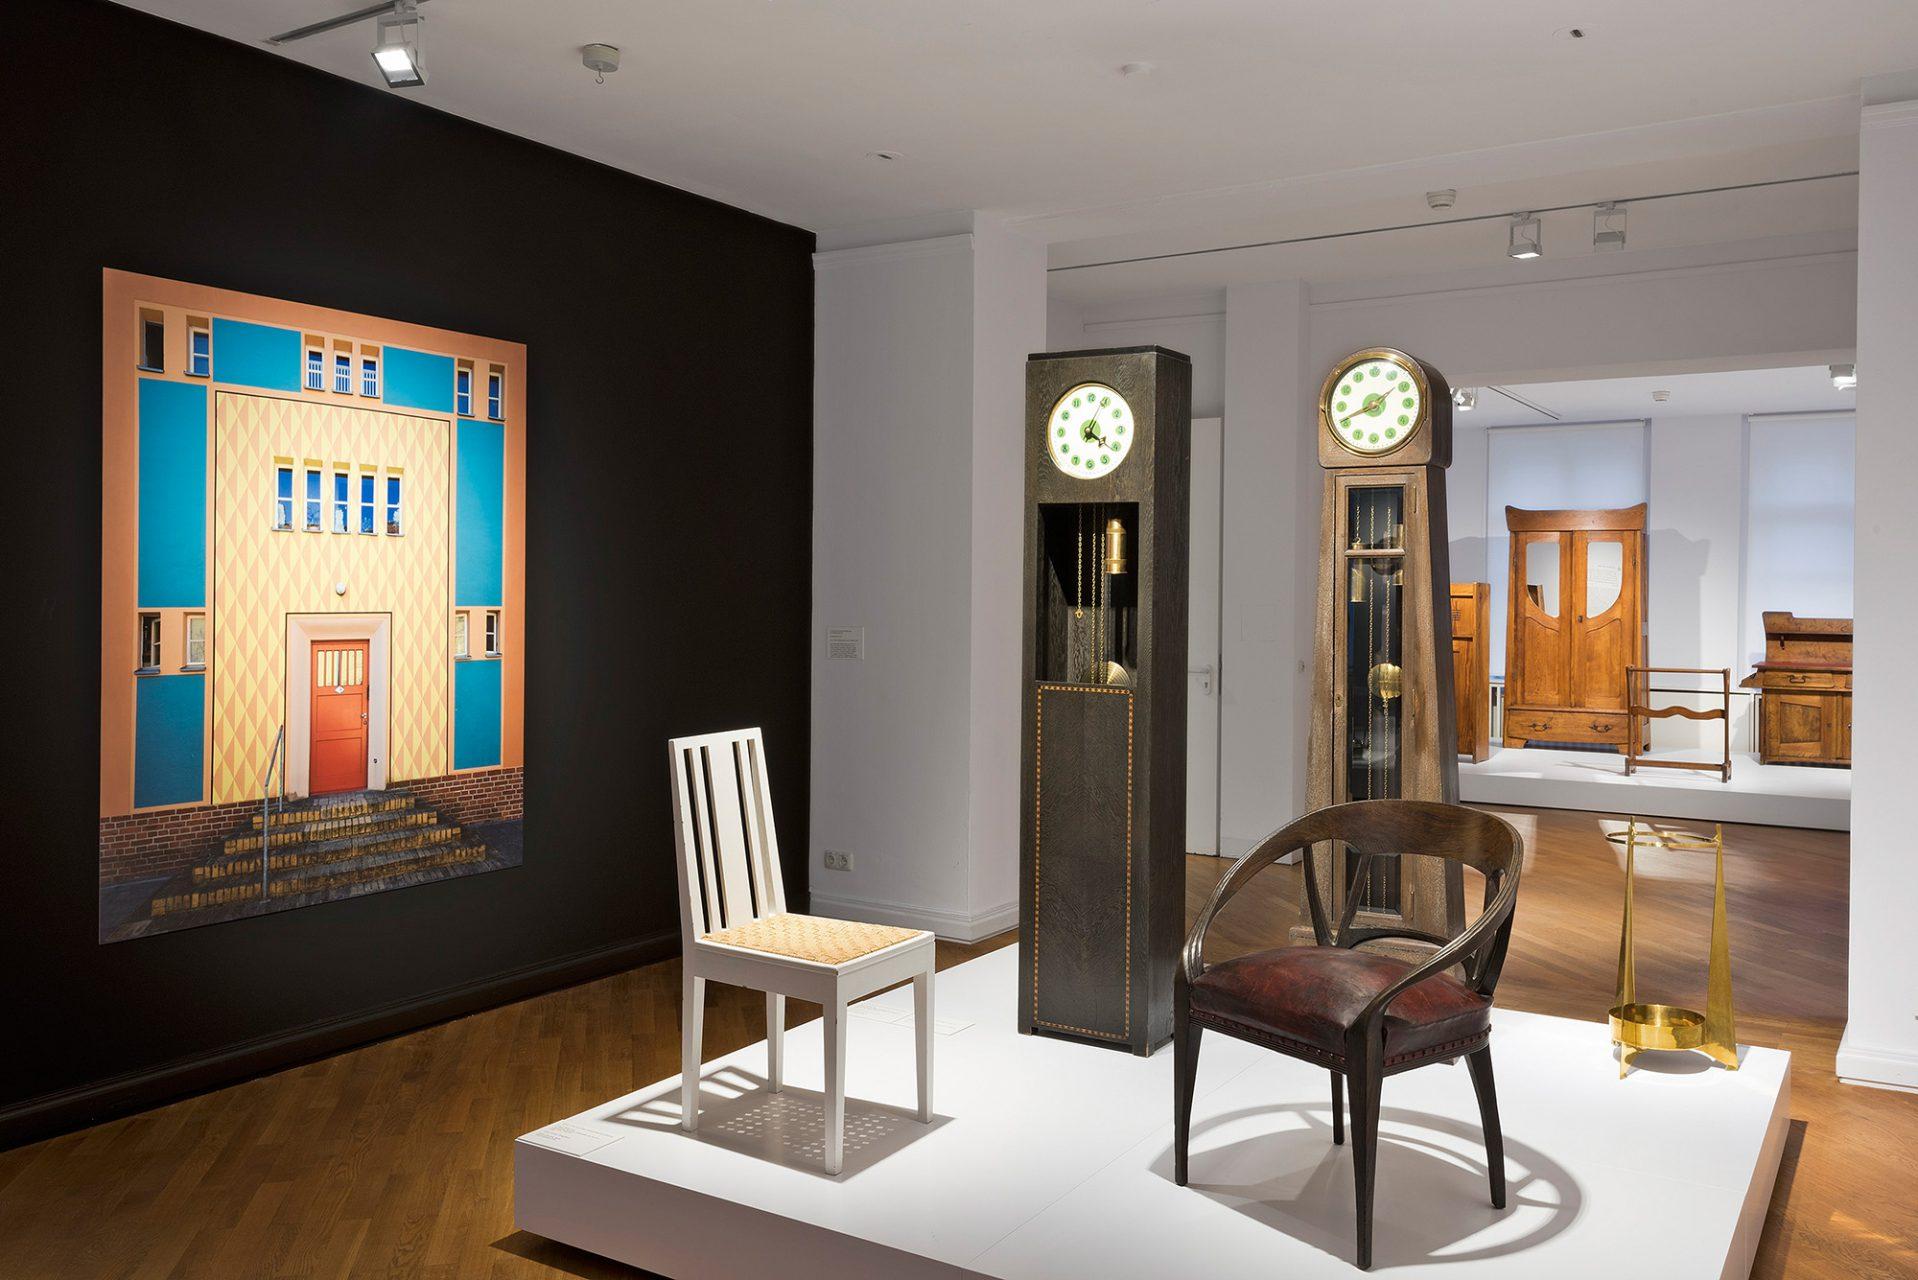 Berlin II. – Industrielle Gestaltung.  Mit Bruno Paul, Bruno Taut und Peter Behrens  begann in Berlin Anfang des 20. Jahrhunderts eine völlig neue, an der industriellen Fertigung orientierte, sachliche Gestaltung.